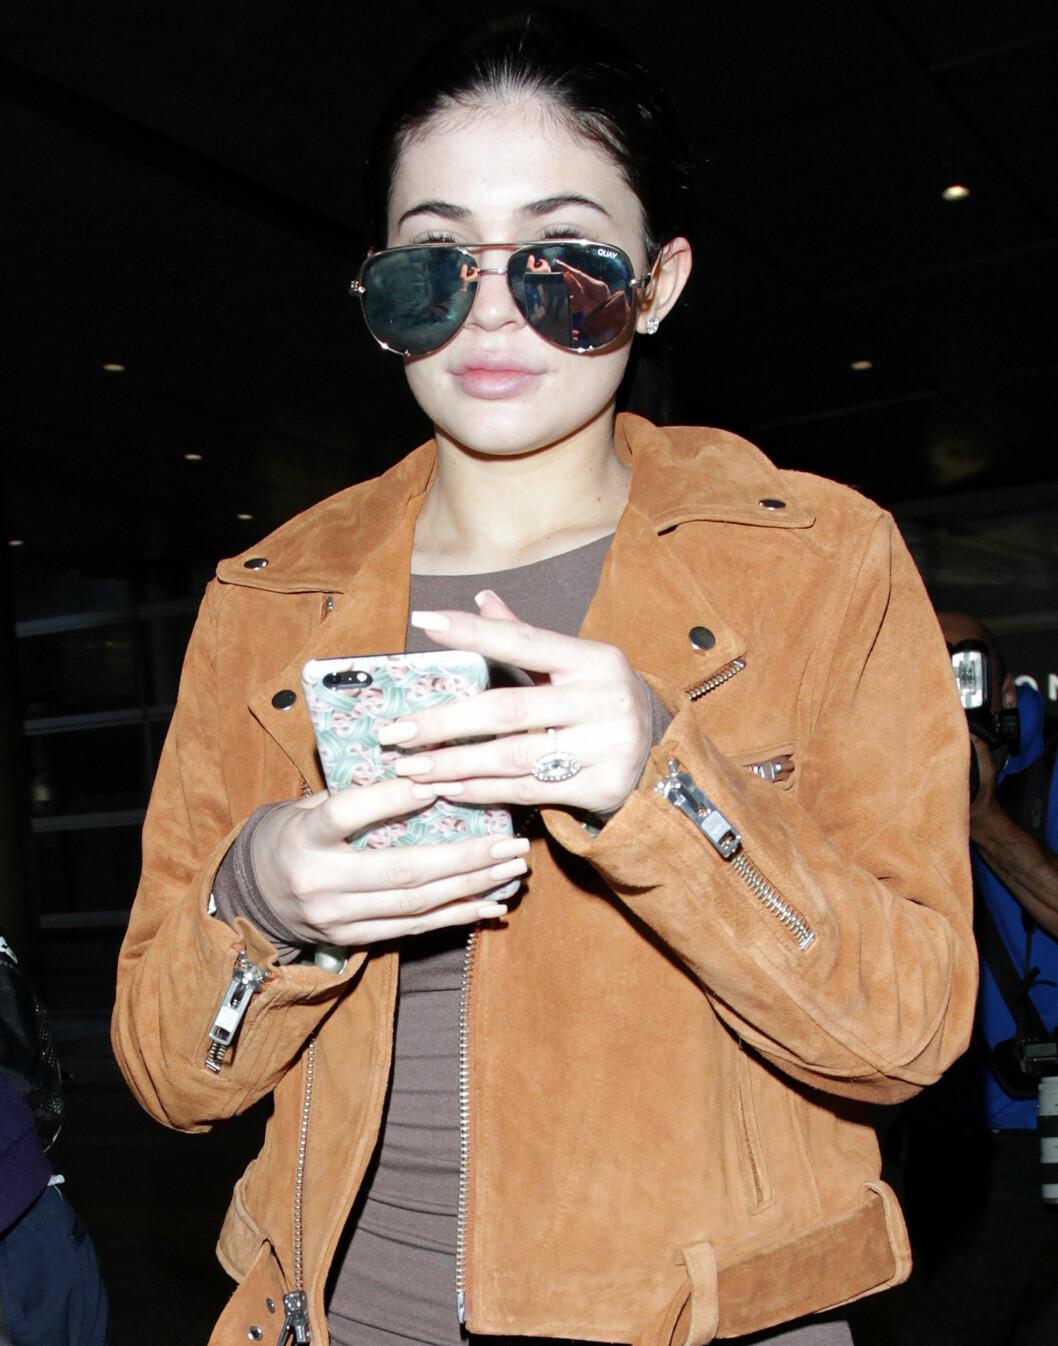 <strong>NATURLIG:</strong> 18 år gamle Kylie Jenner viser seg sjelden offentlig uten sin velkjente, glamorøse sminke. Da hun ankom flyplassen i L.A. tidligere denne uken var hun usminket, men skjulte mesteparten av ansiktet bak store pilotbriller.  Foto: Broadimage